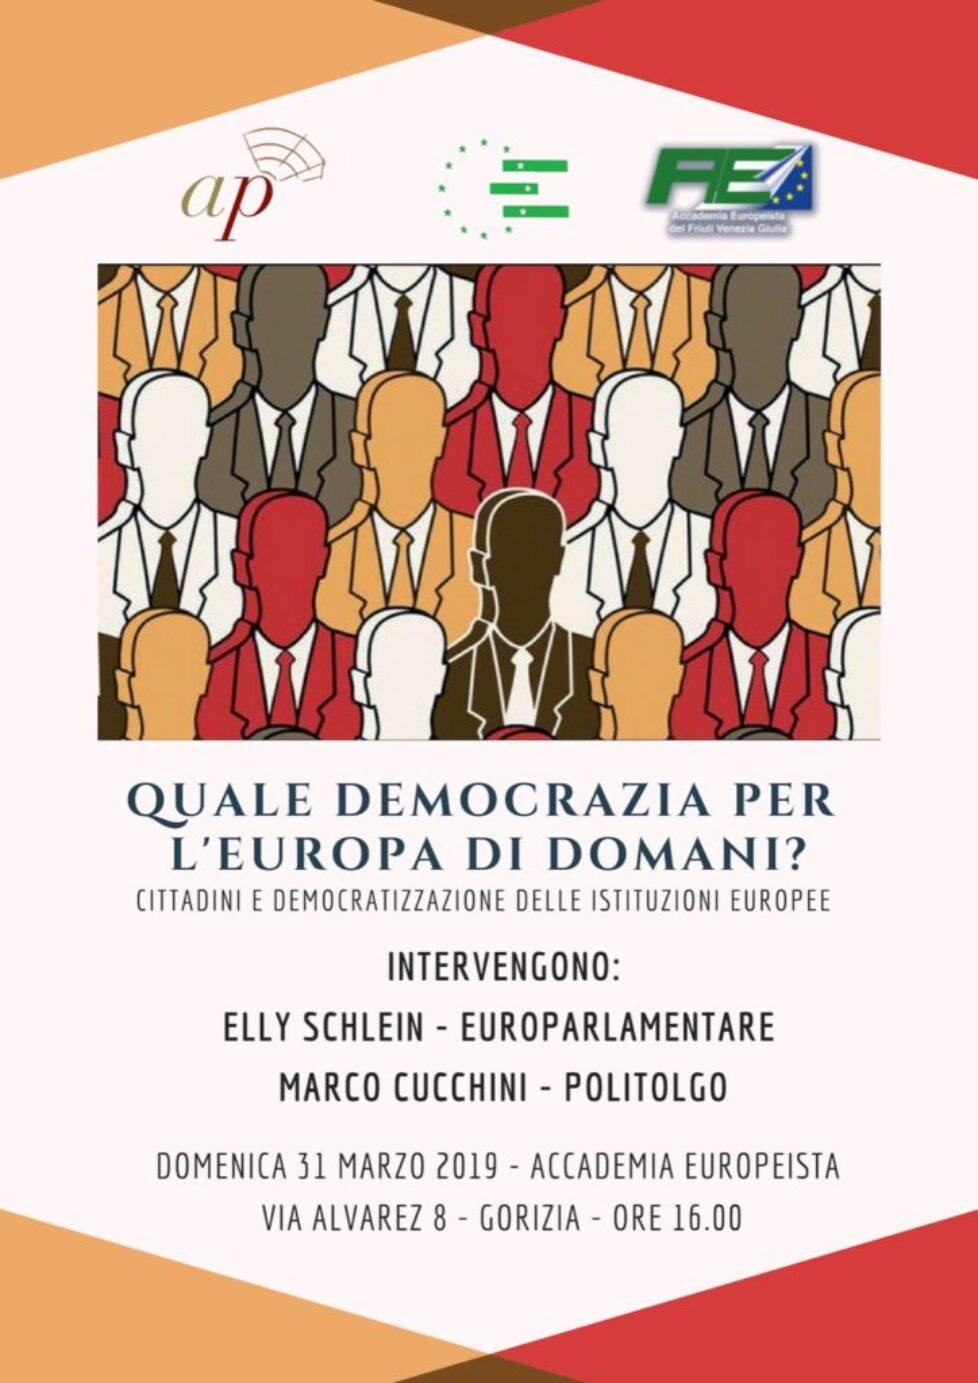 Quale democrazia per l'Europa di domani?